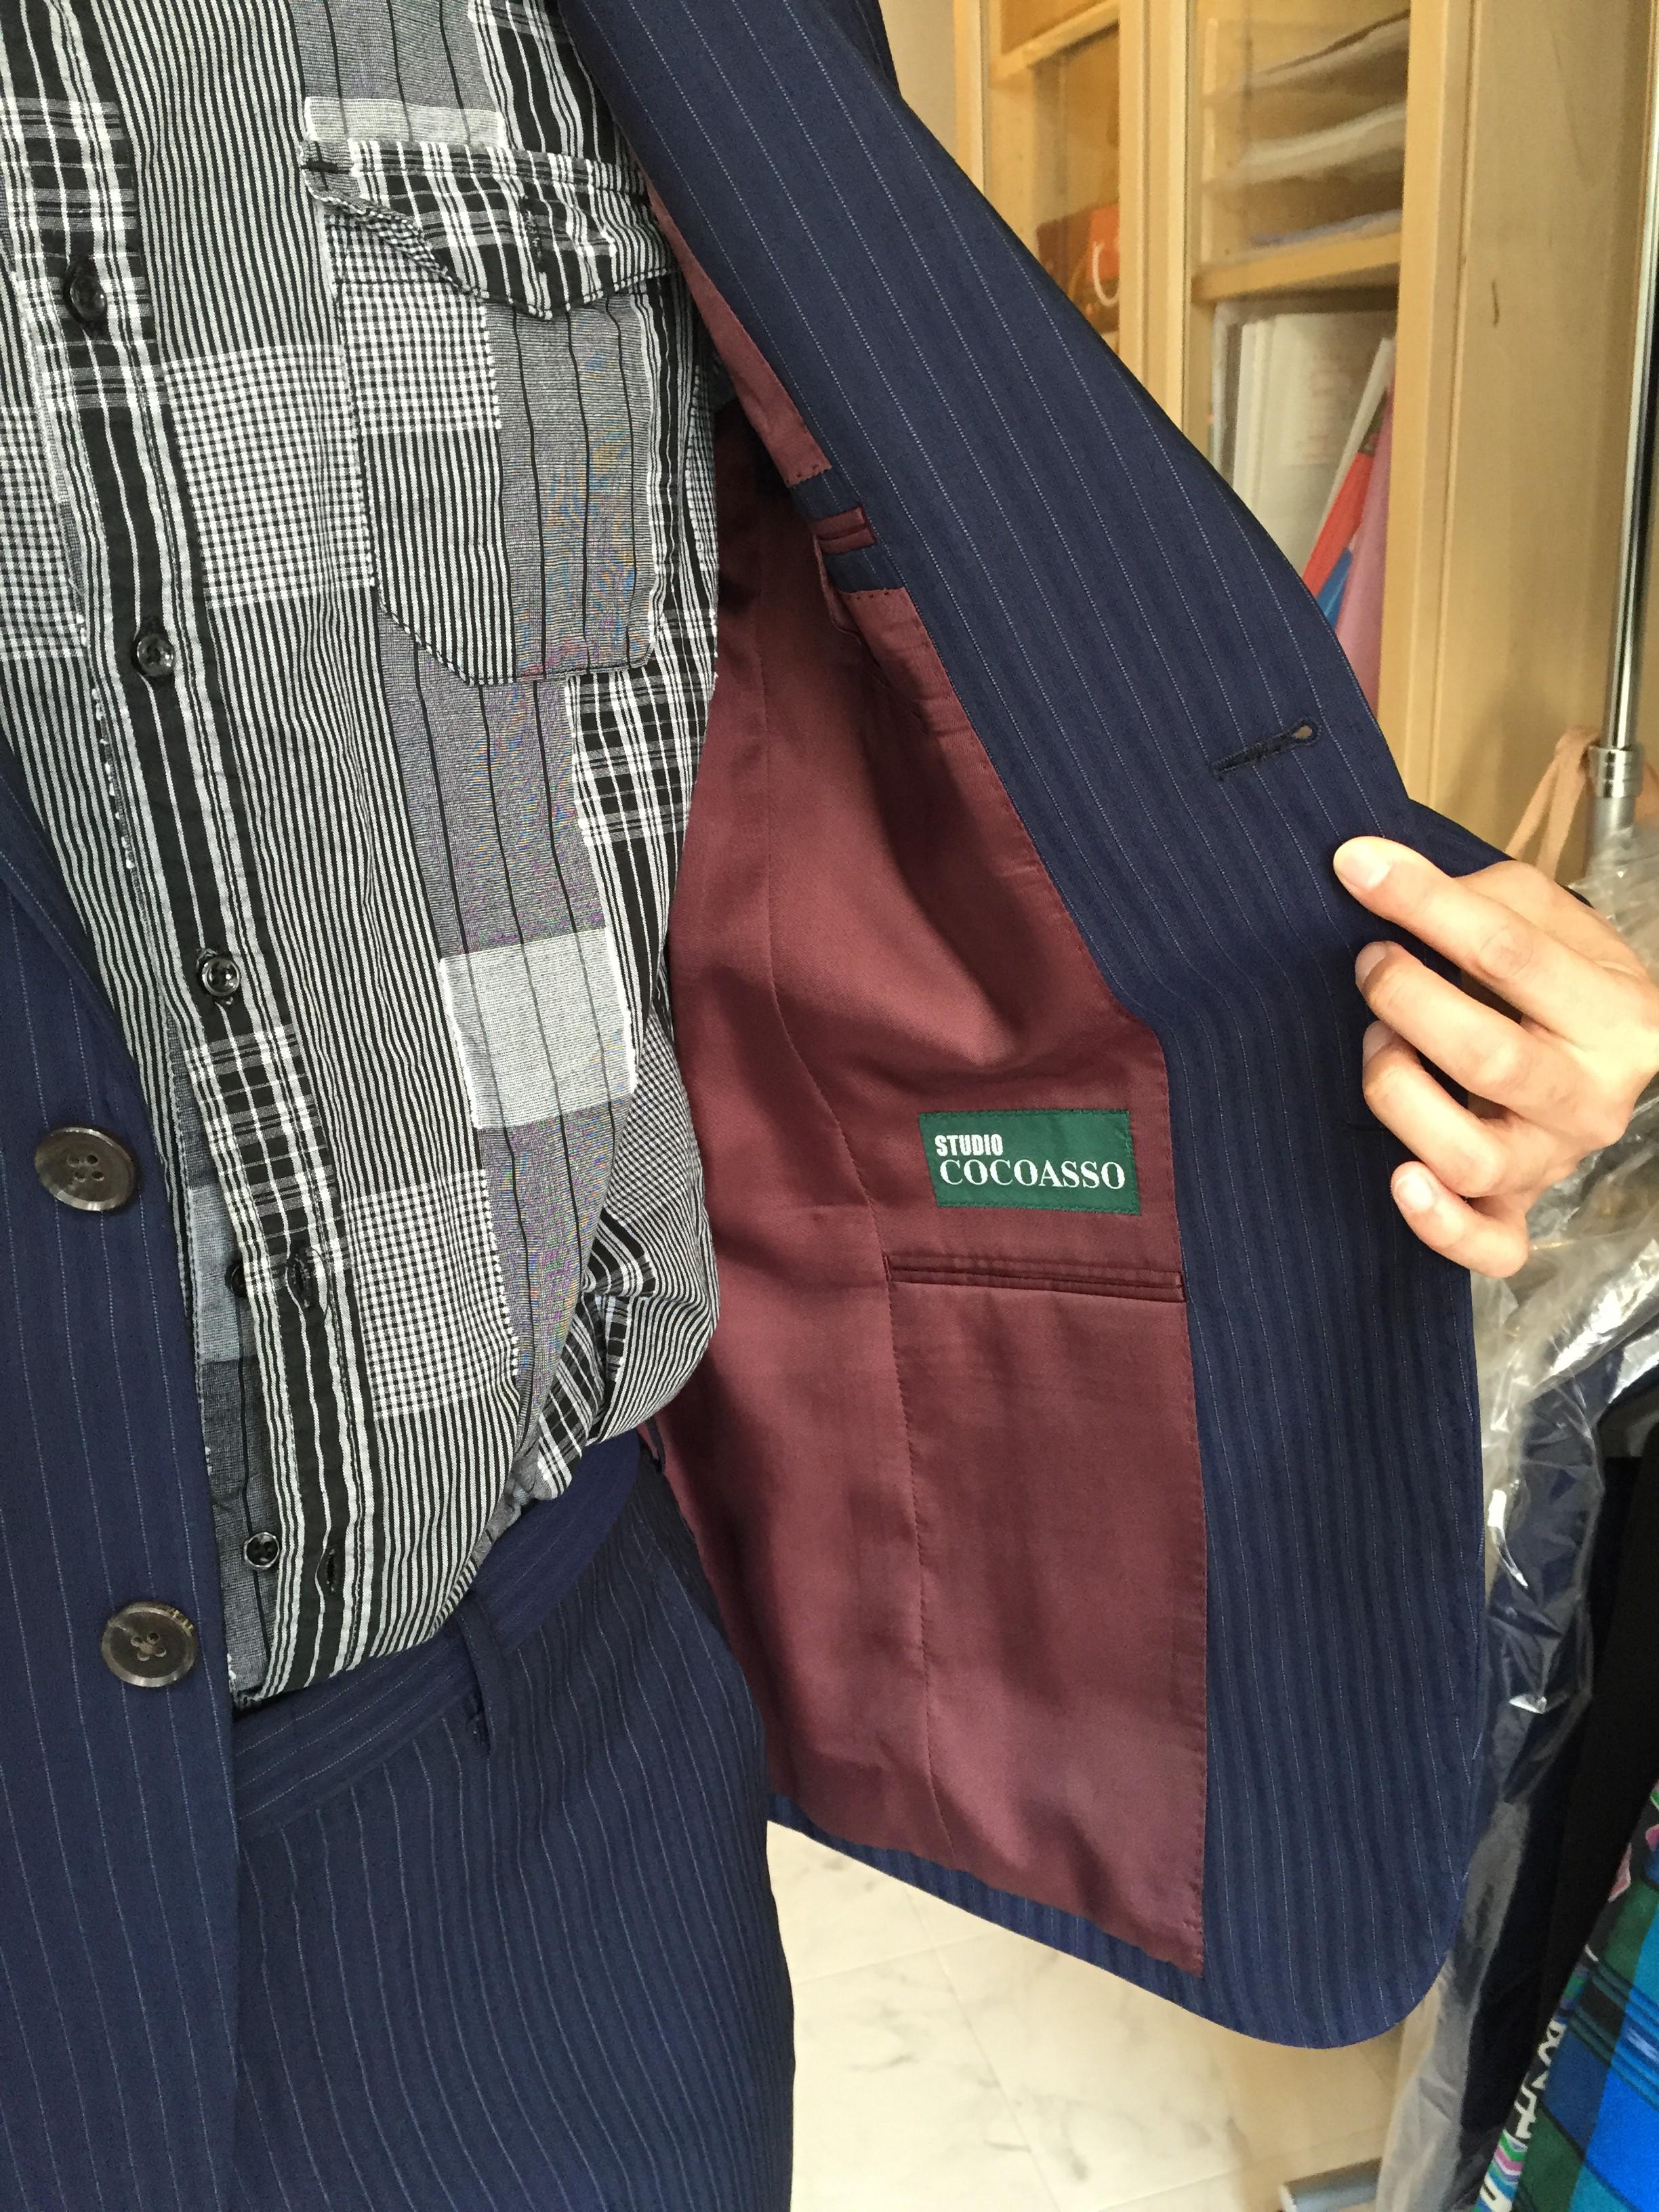 新しくスーツを購入するということは?今あるスーツをどうしますか?